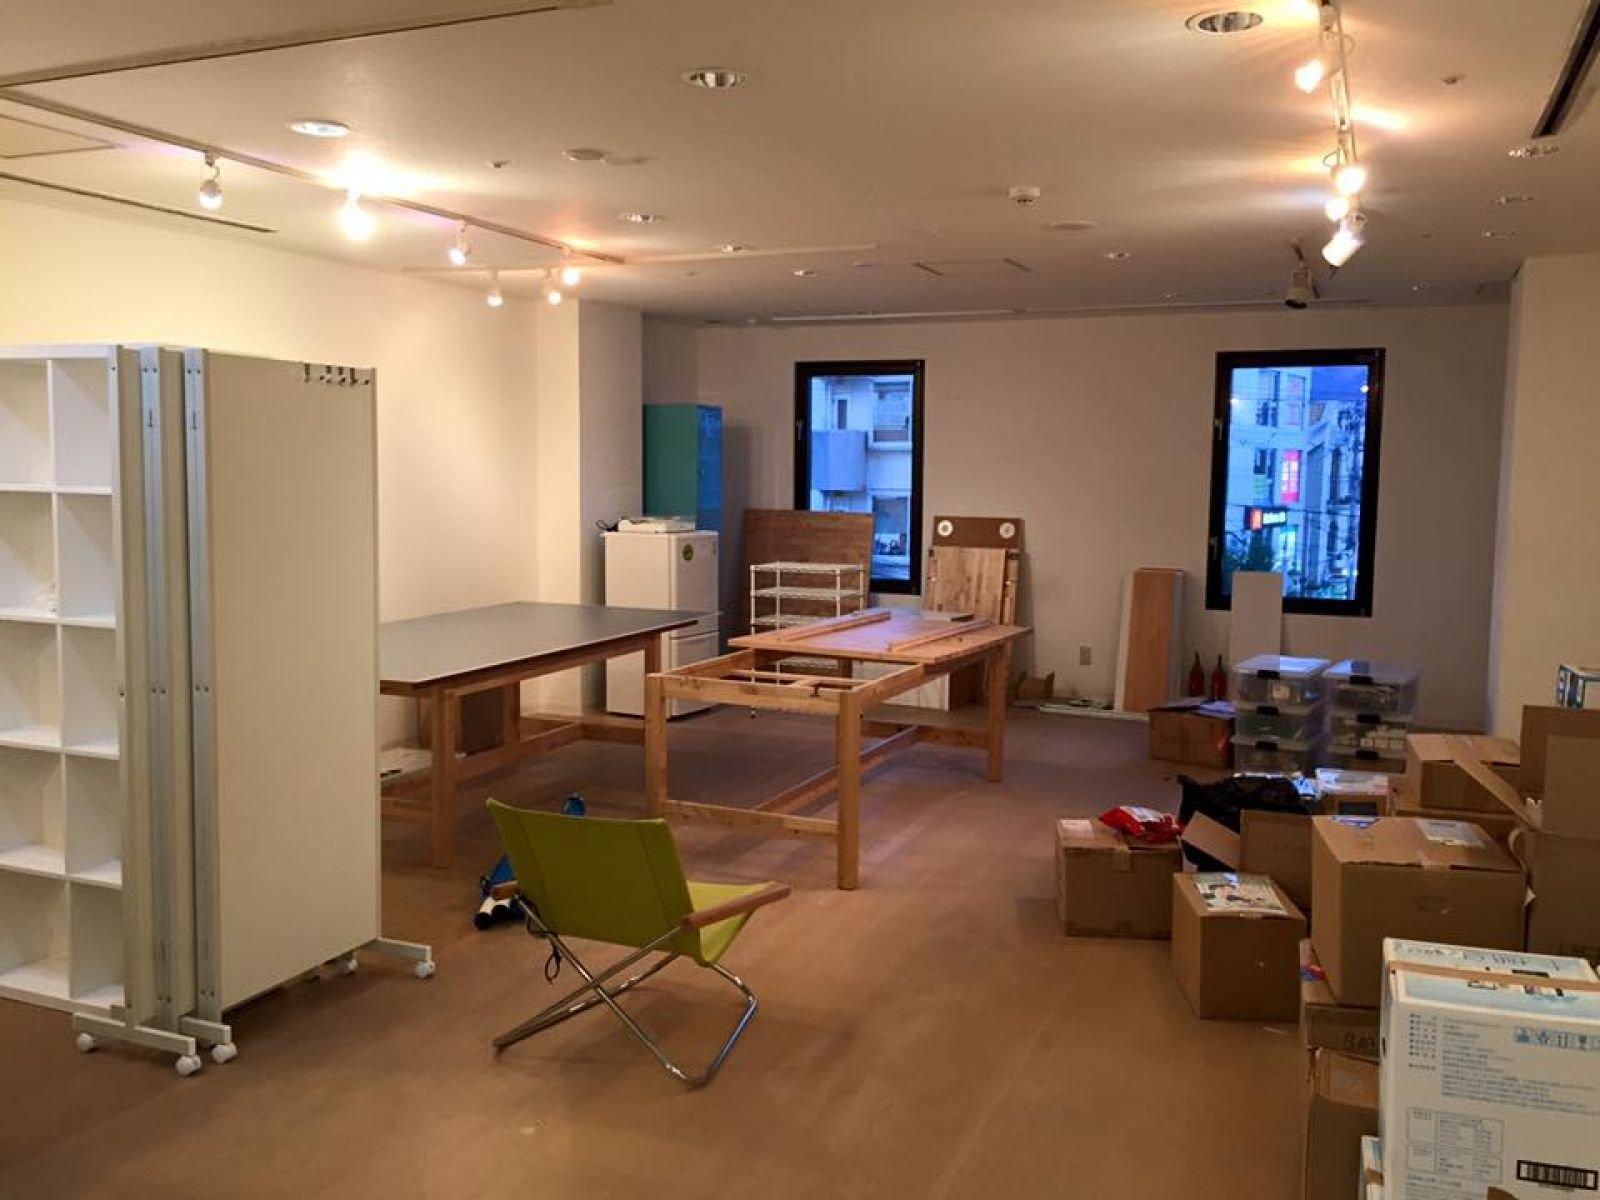 Kowakura Coworking Space in Osaka-Kobe-Kyoto